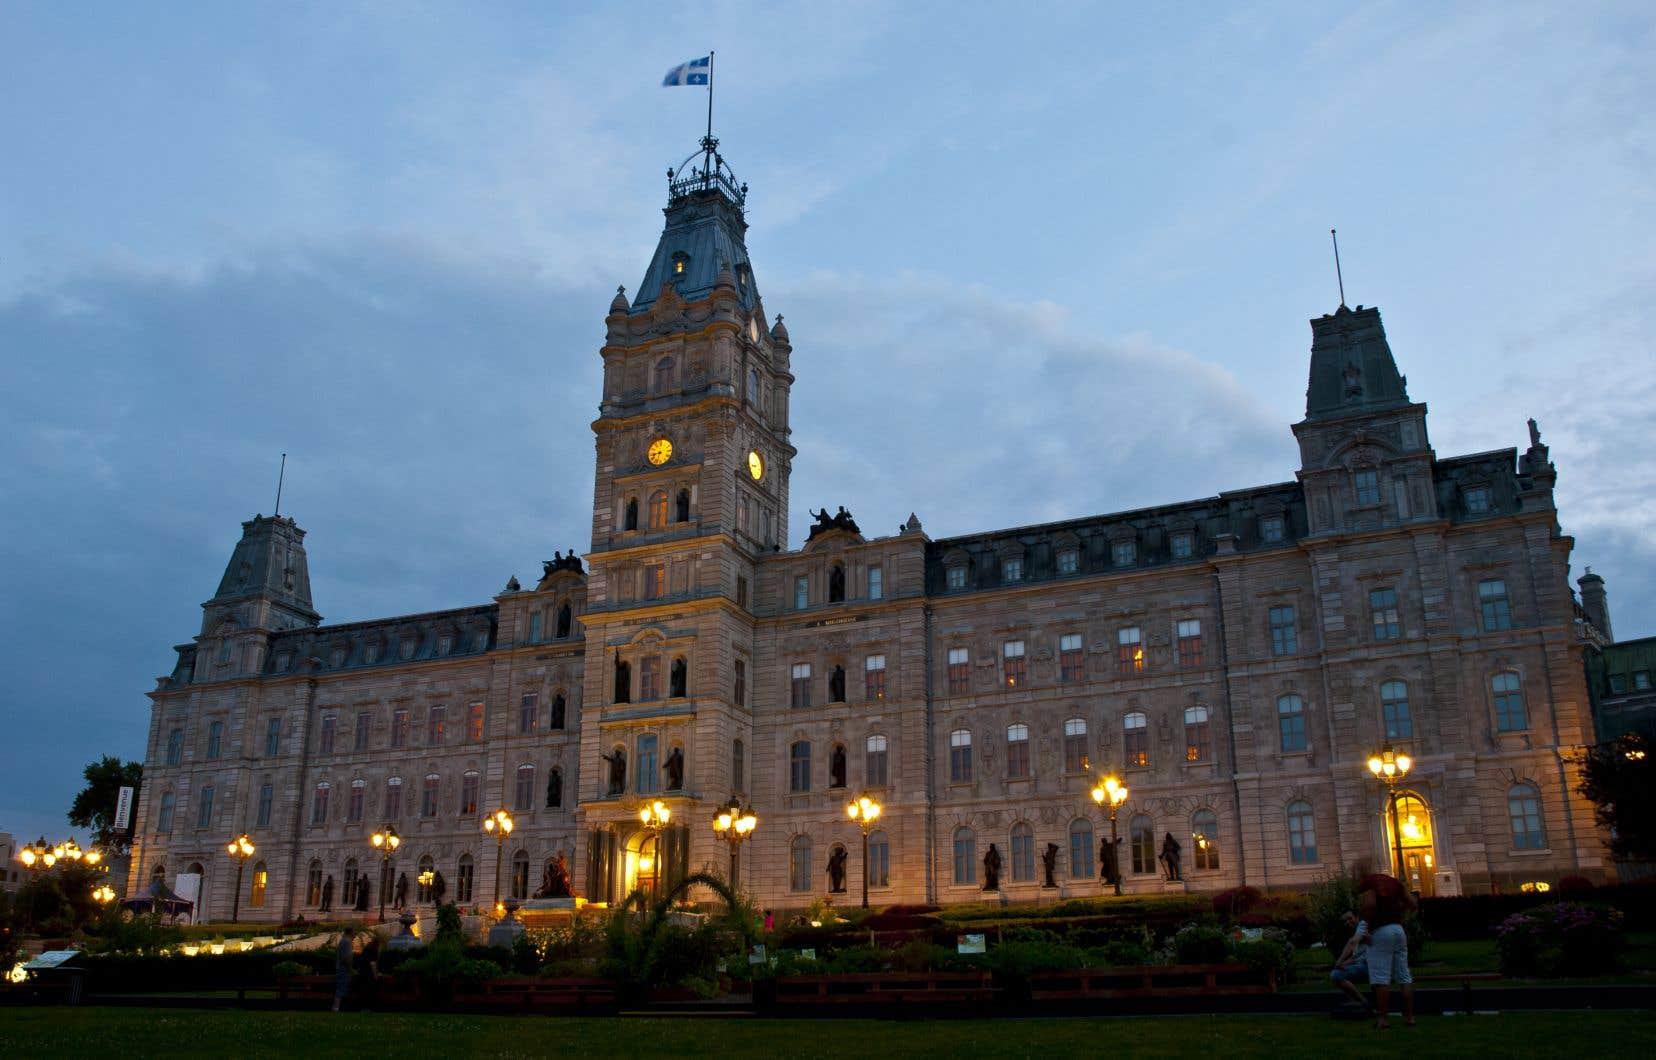 Trente-six groupes et individus ont été invités en commission parlementaire à commenter le projet de loi sur la laïcité de l'État.